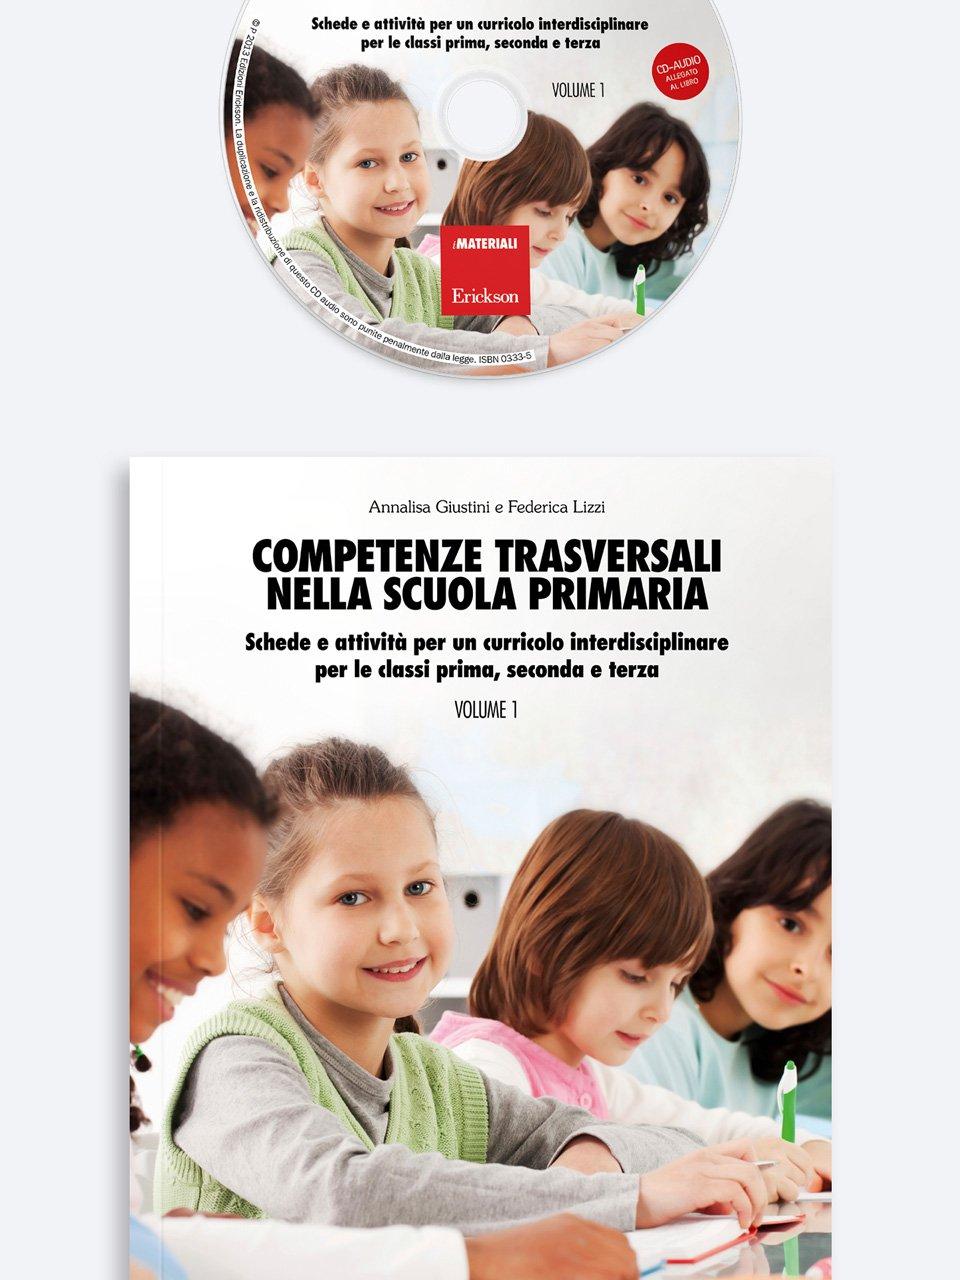 Competenze trasversali nella scuola primaria - Volume 1 - Agenda annuale dell'integrazione e del sostegno di - Strumenti - Erickson